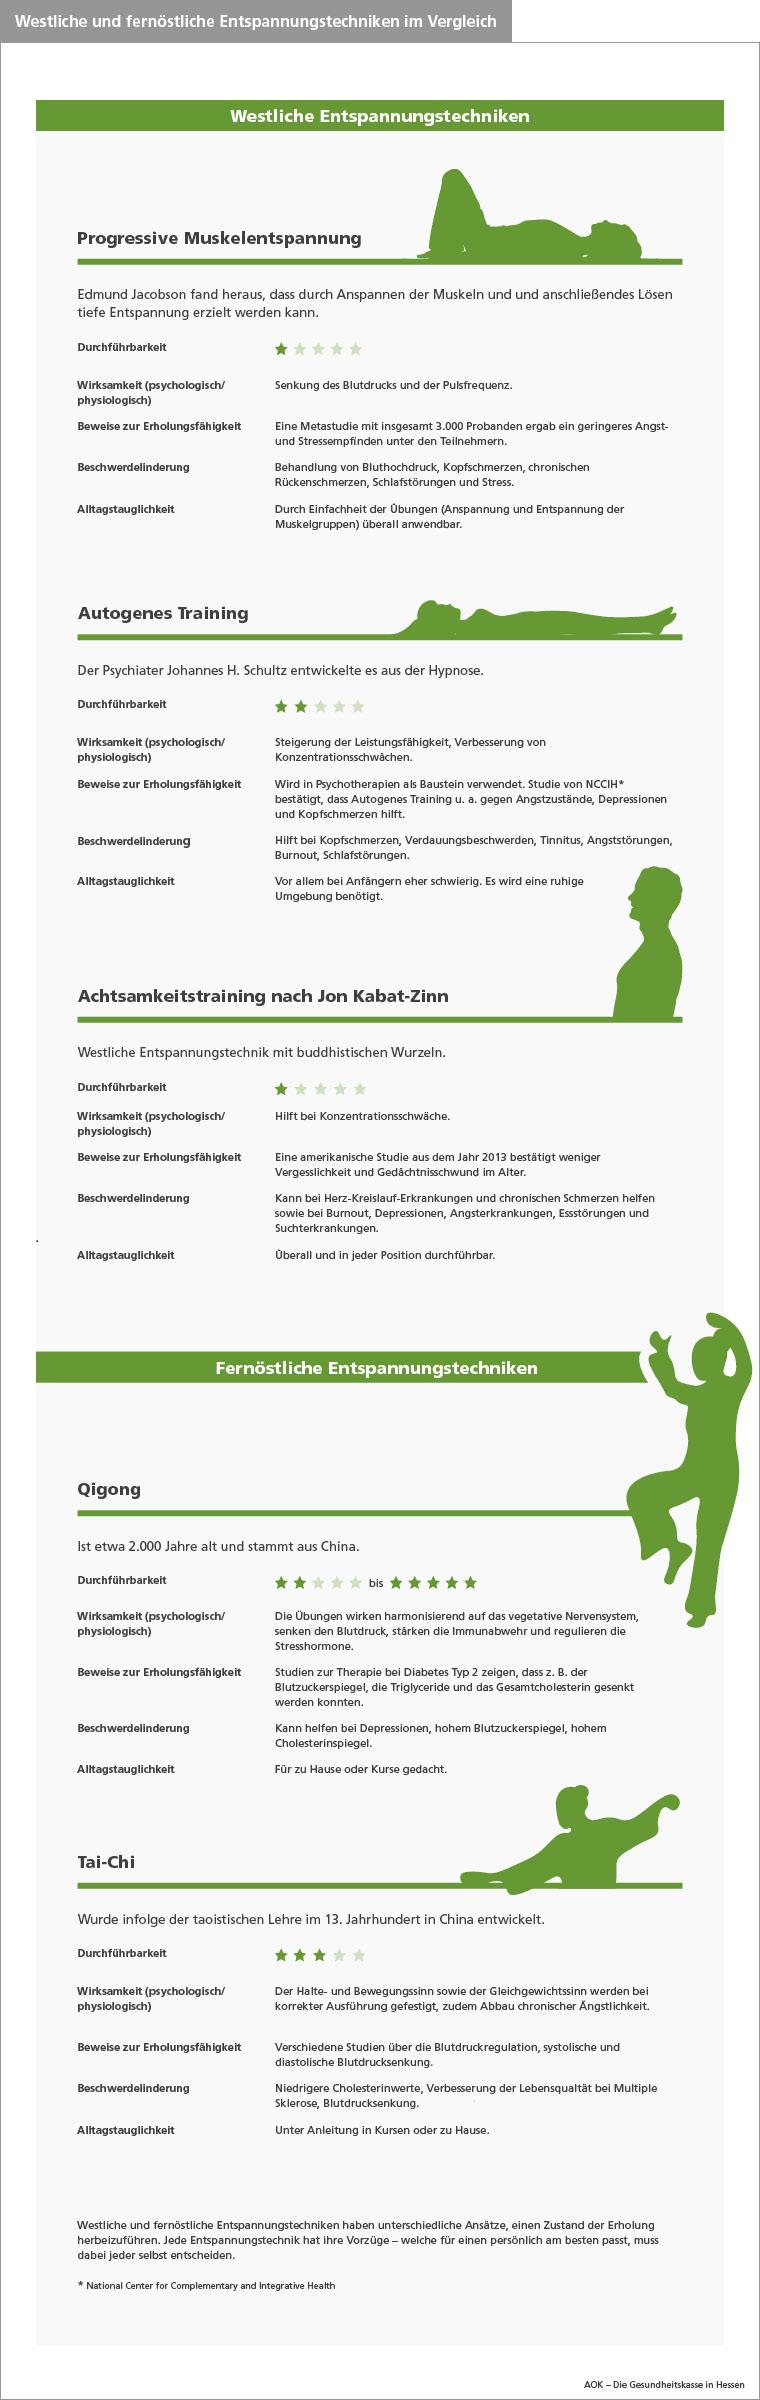 AOK Hessen_Infografik_Westliche-vs_-Fernöstliche-Entspannungstechniken